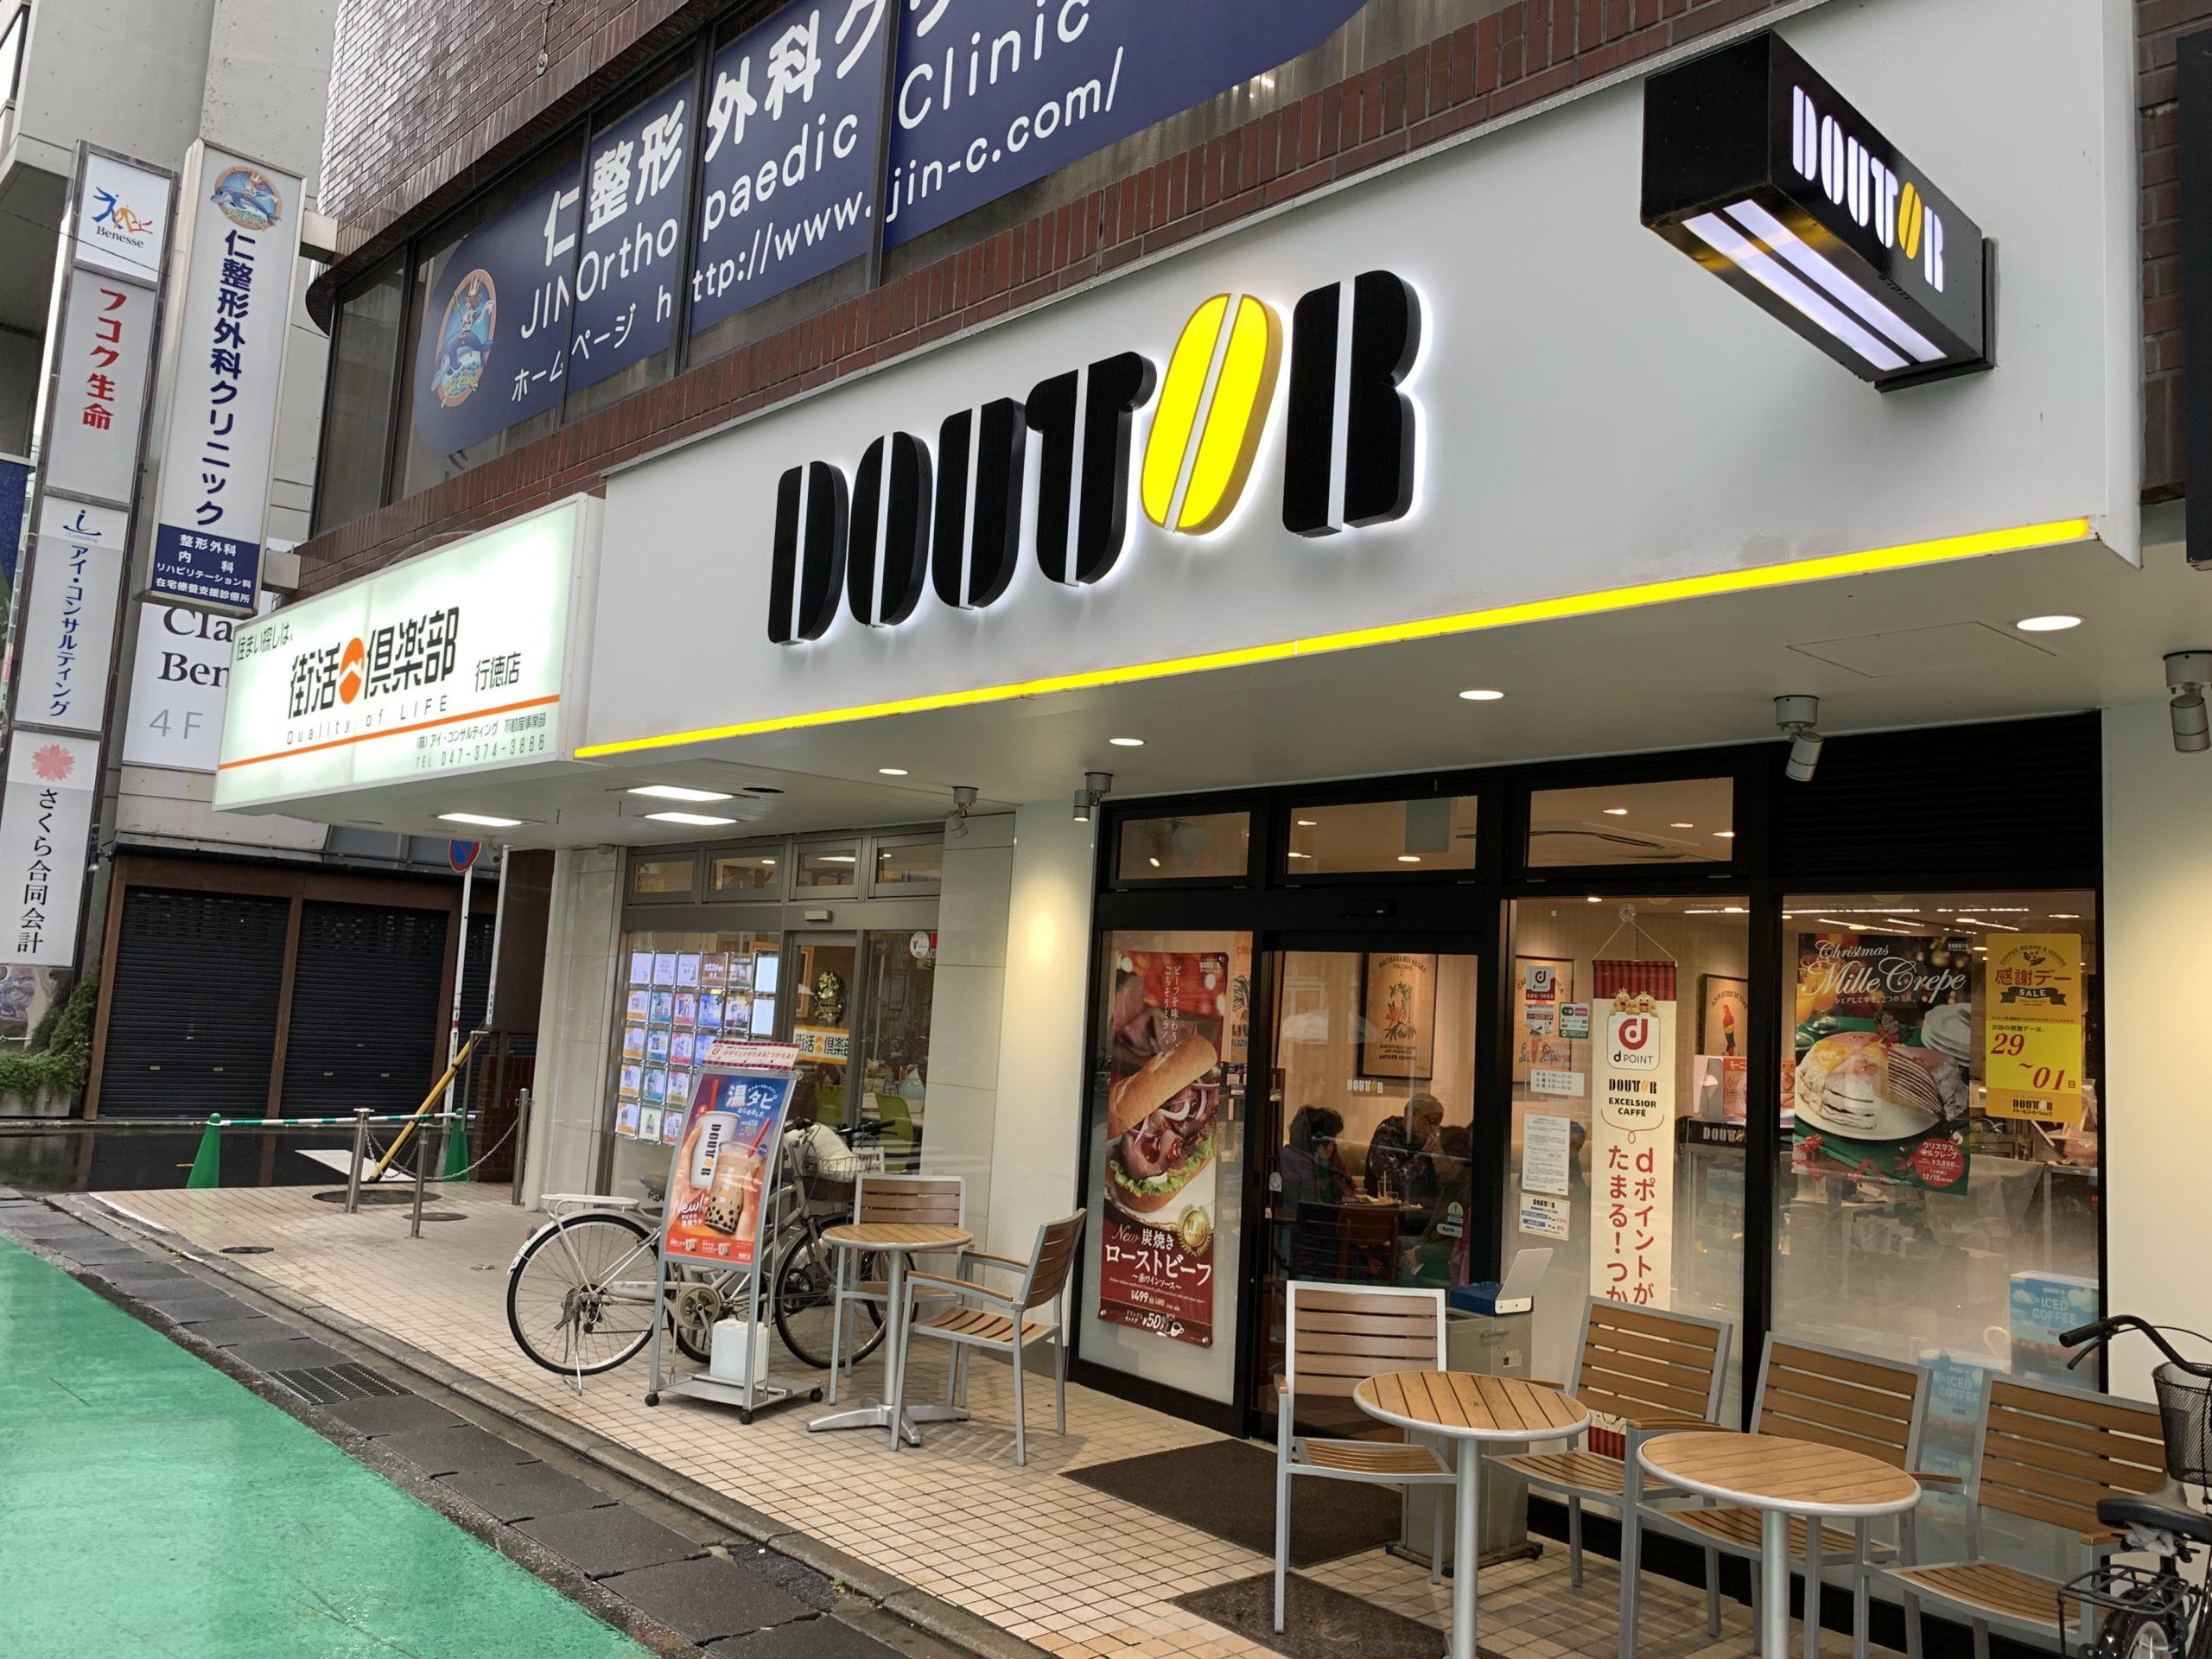 行徳駅 電源カフェ ドトールコーヒーショップ 行徳駅前店 Wi-Fi